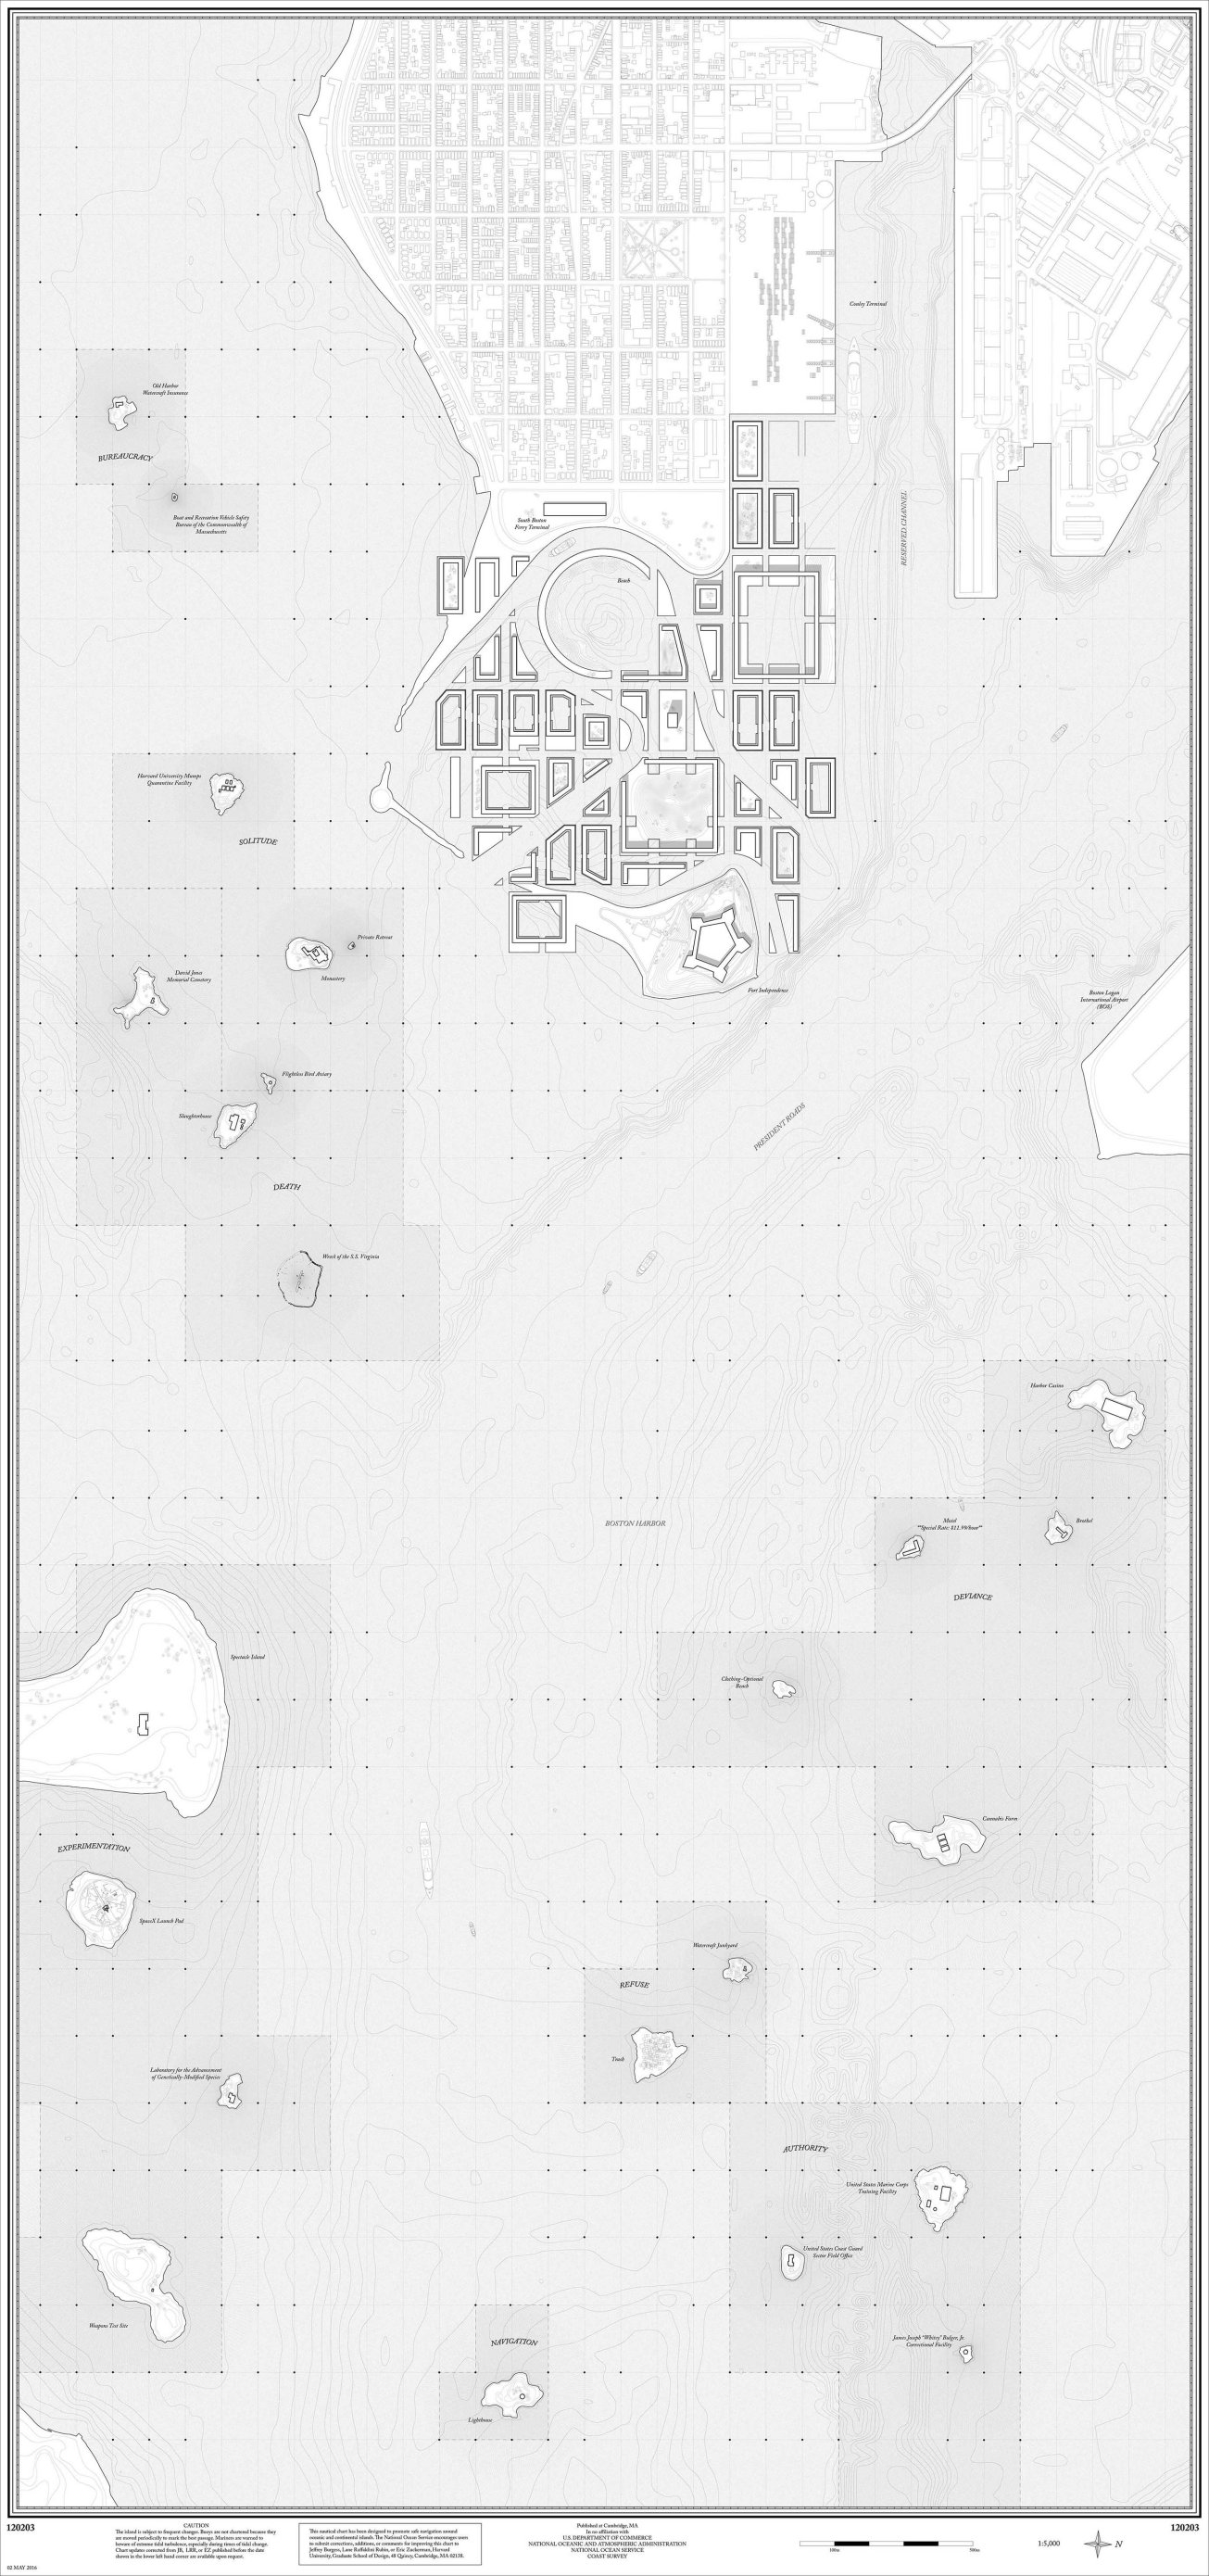 05172016 1_5000 Plan